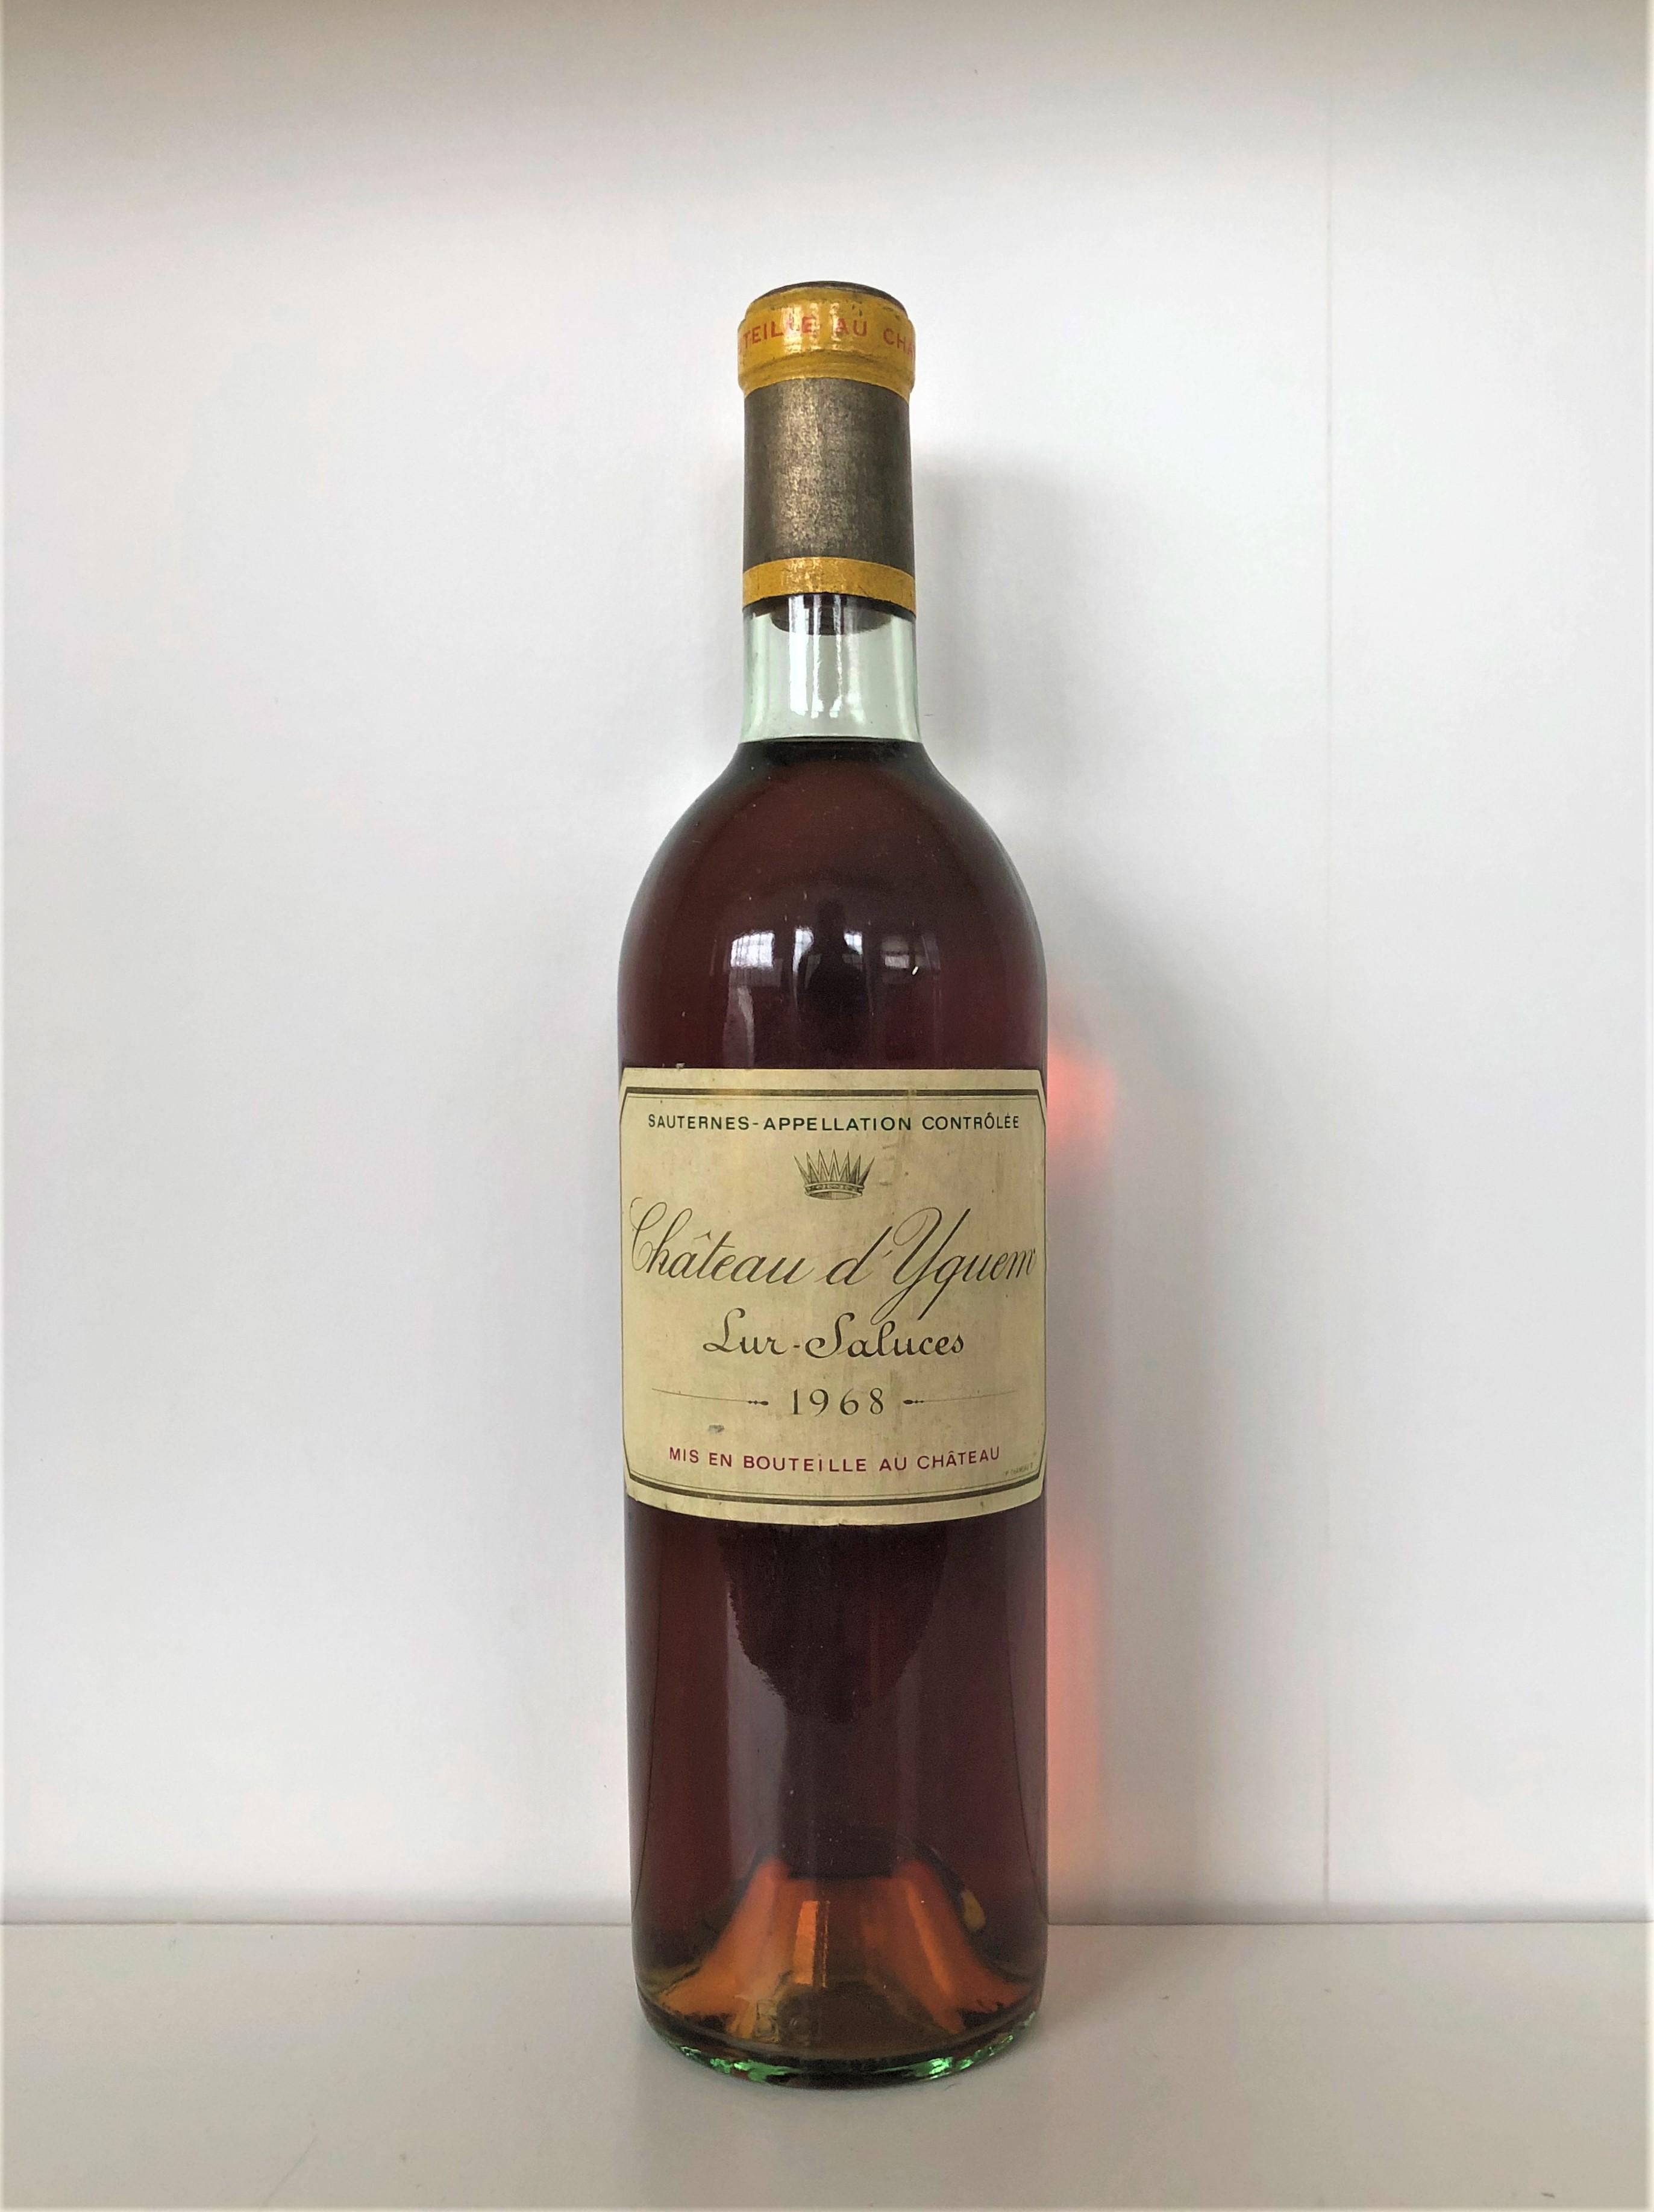 Lot 38 - 1968 Yquem, Sauternes, Bordeaux, France, 1 bottle